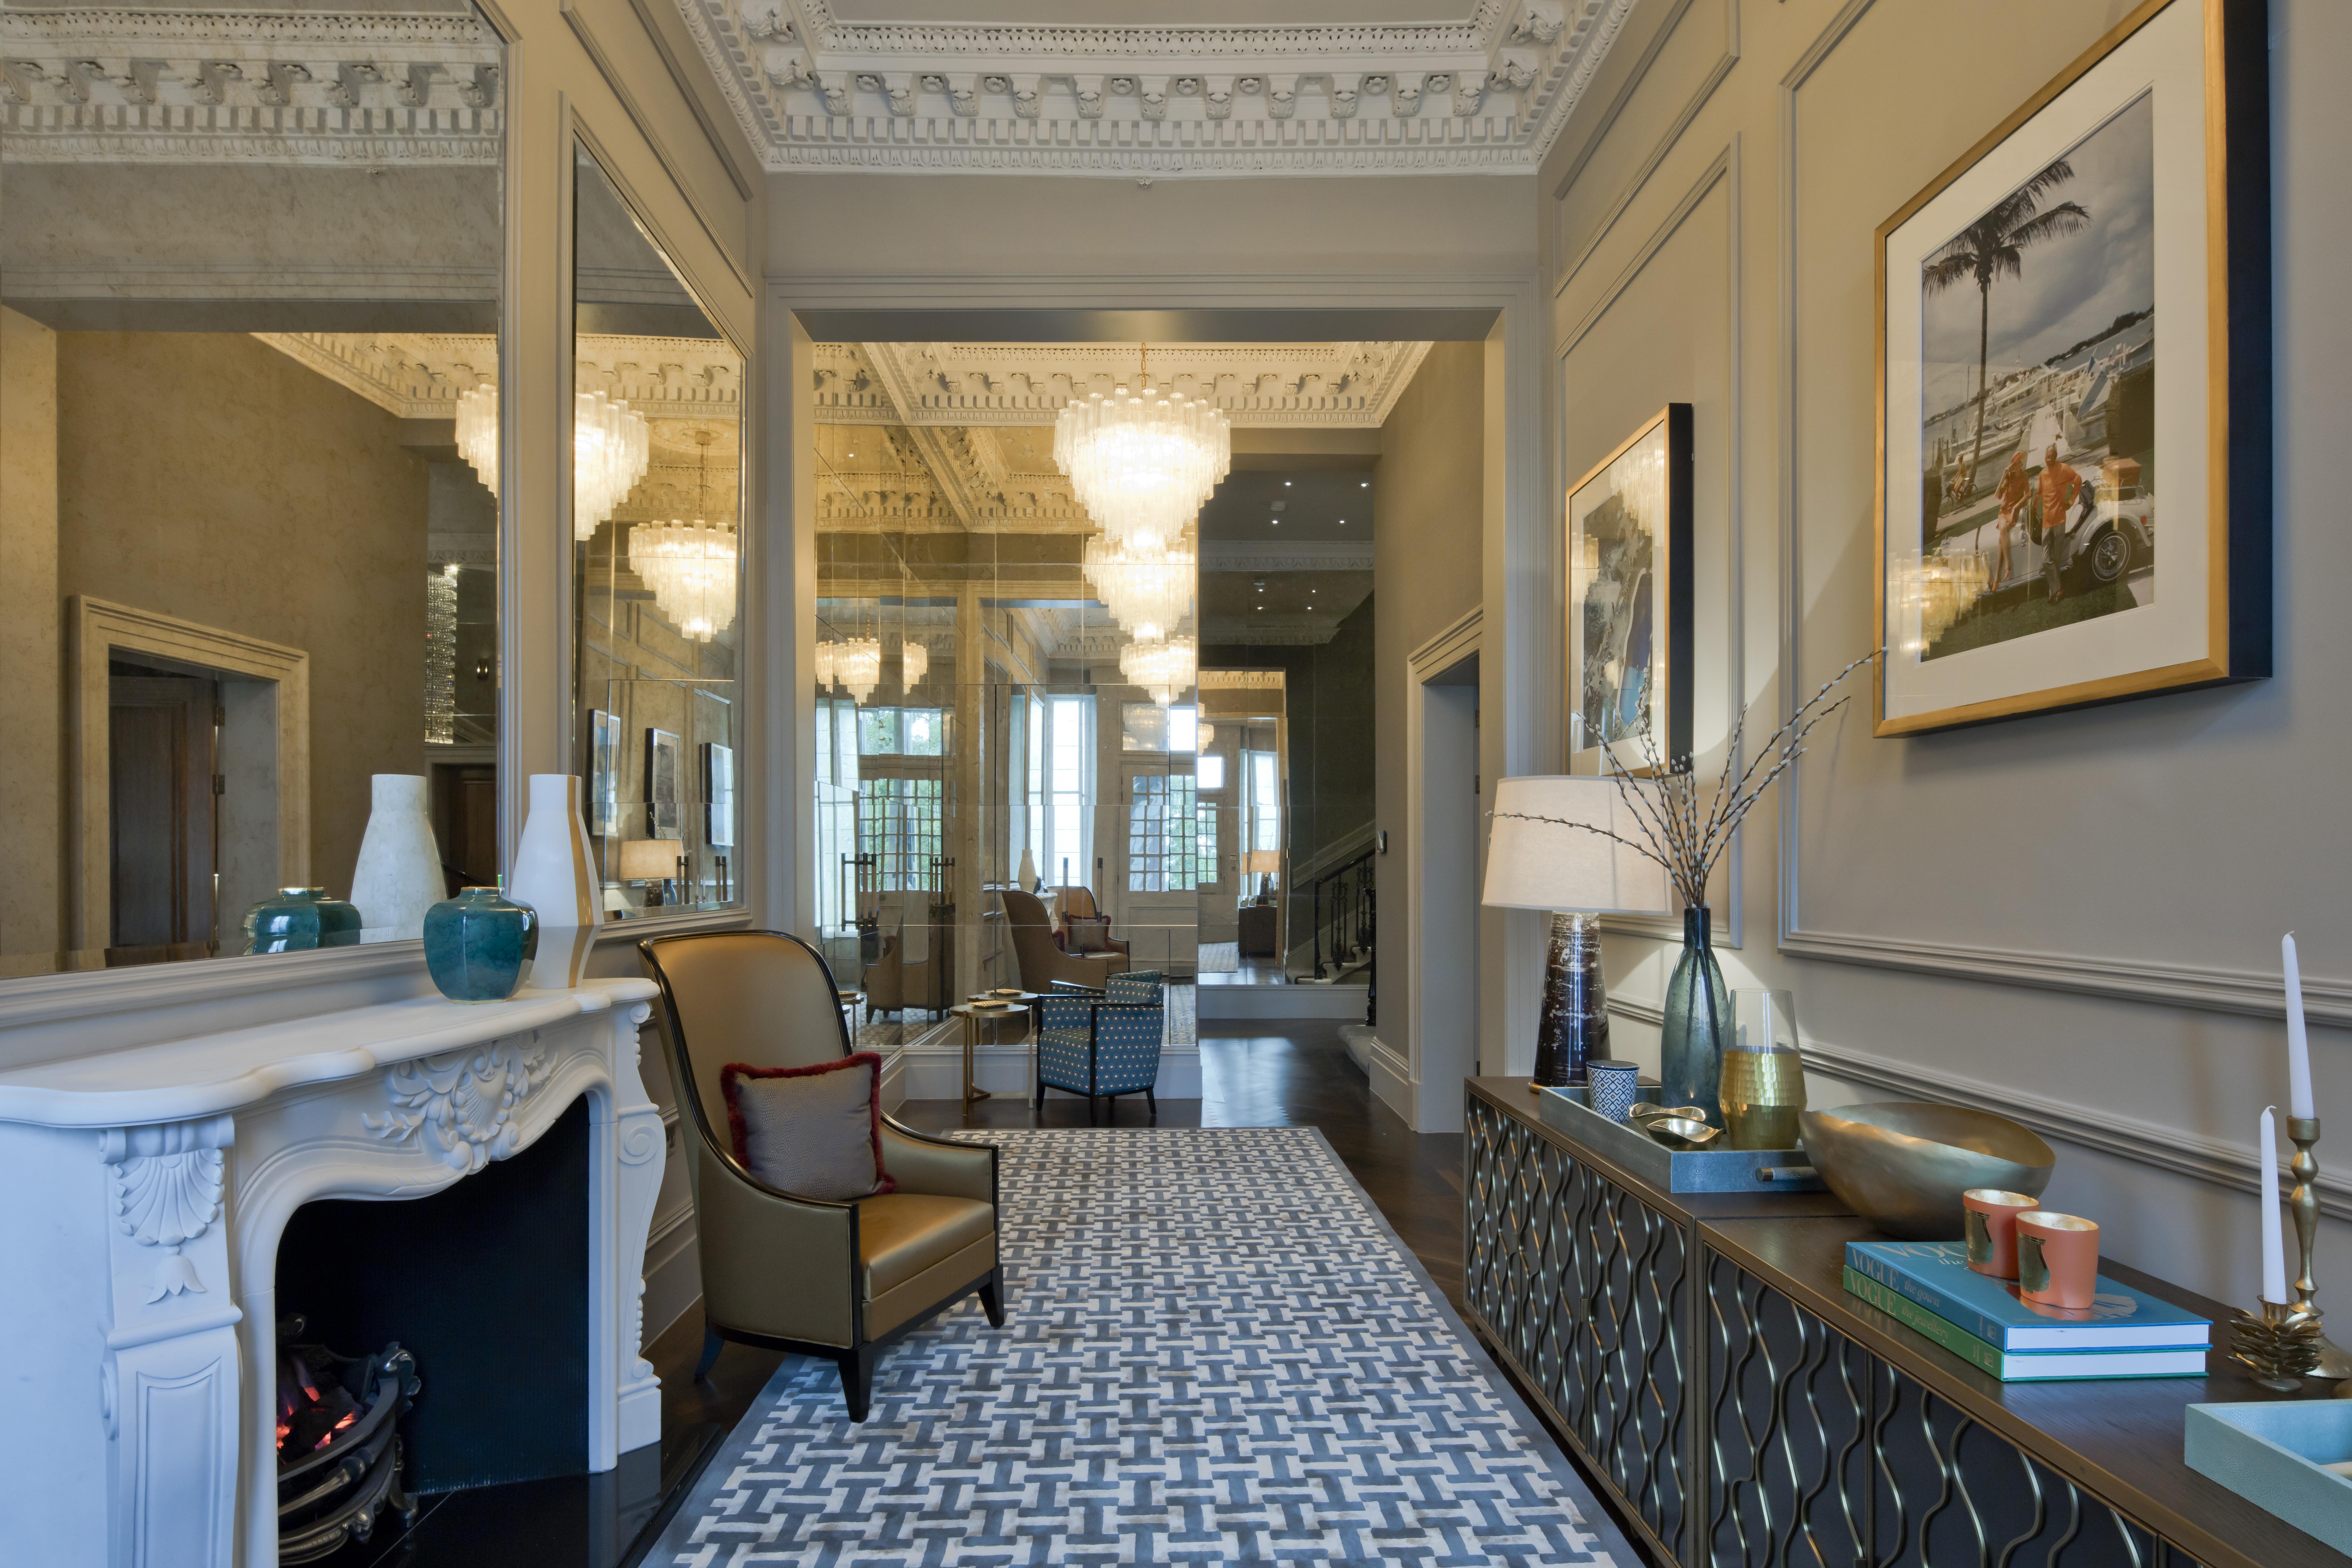 Luxury Interiors, Interiors, Scotland, Design, Interior Design, Lux, Bernard Interiors, UK, Home Decor